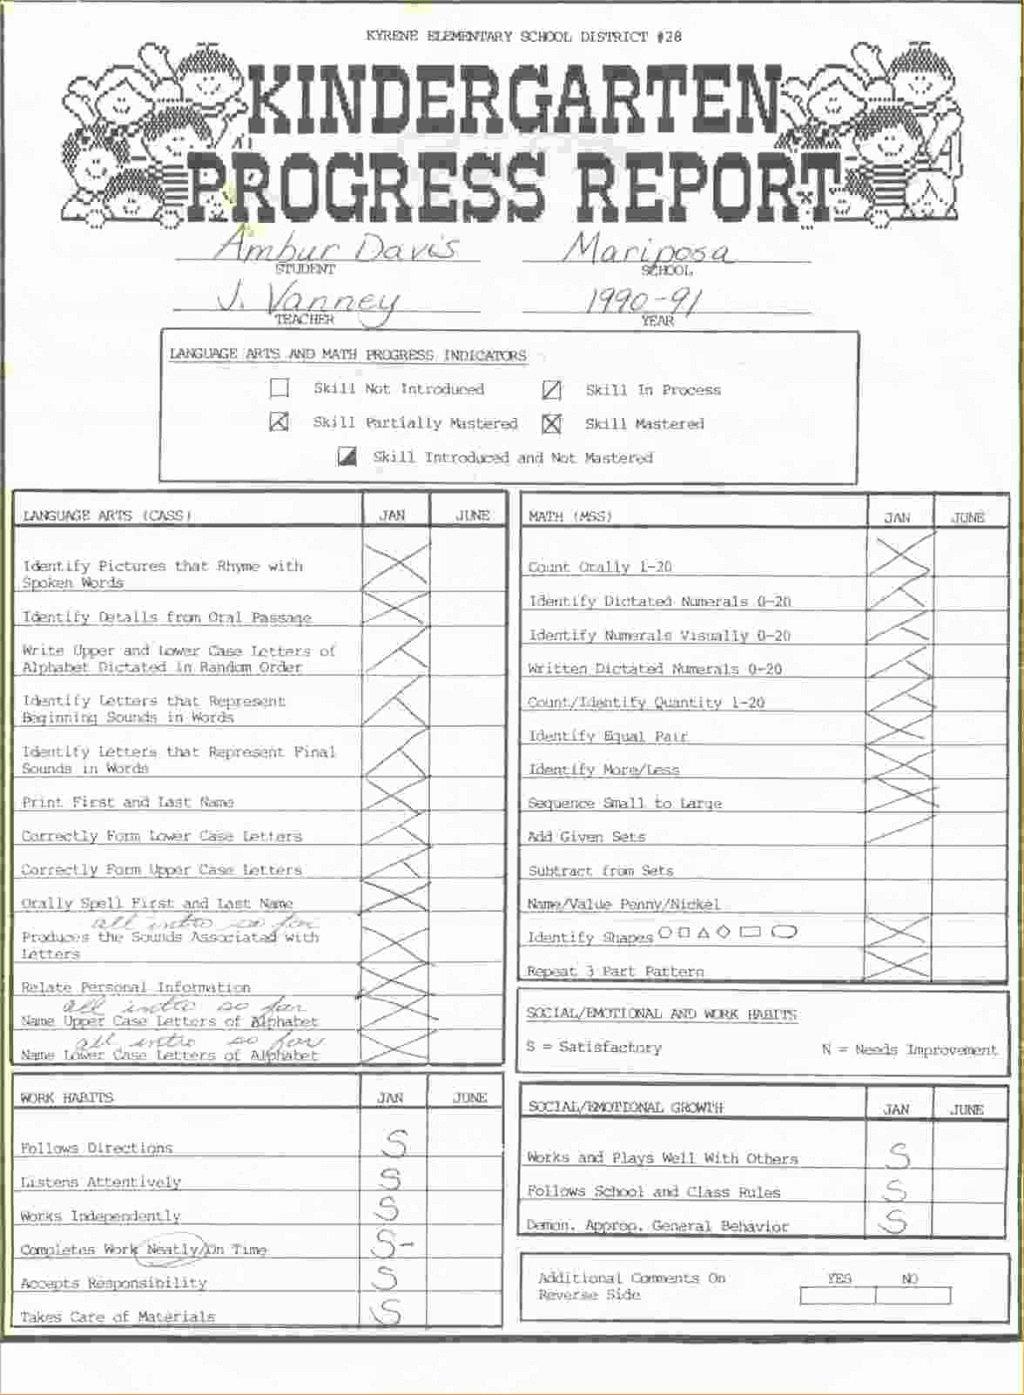 Kindergarten Progress Report Template Elegant Kindergarten Report Card Template Pdf format Deped for